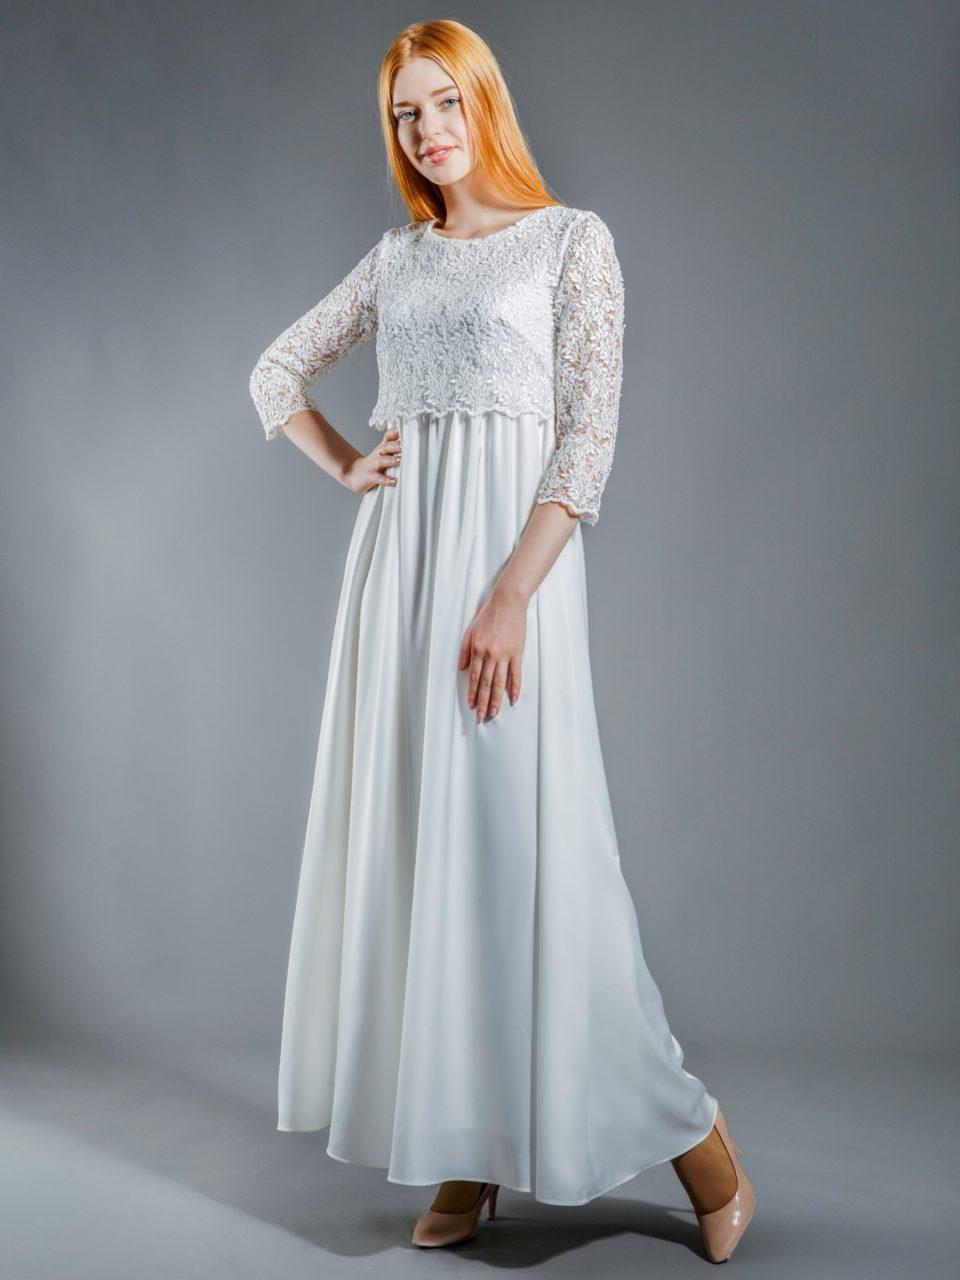 Dress 1856